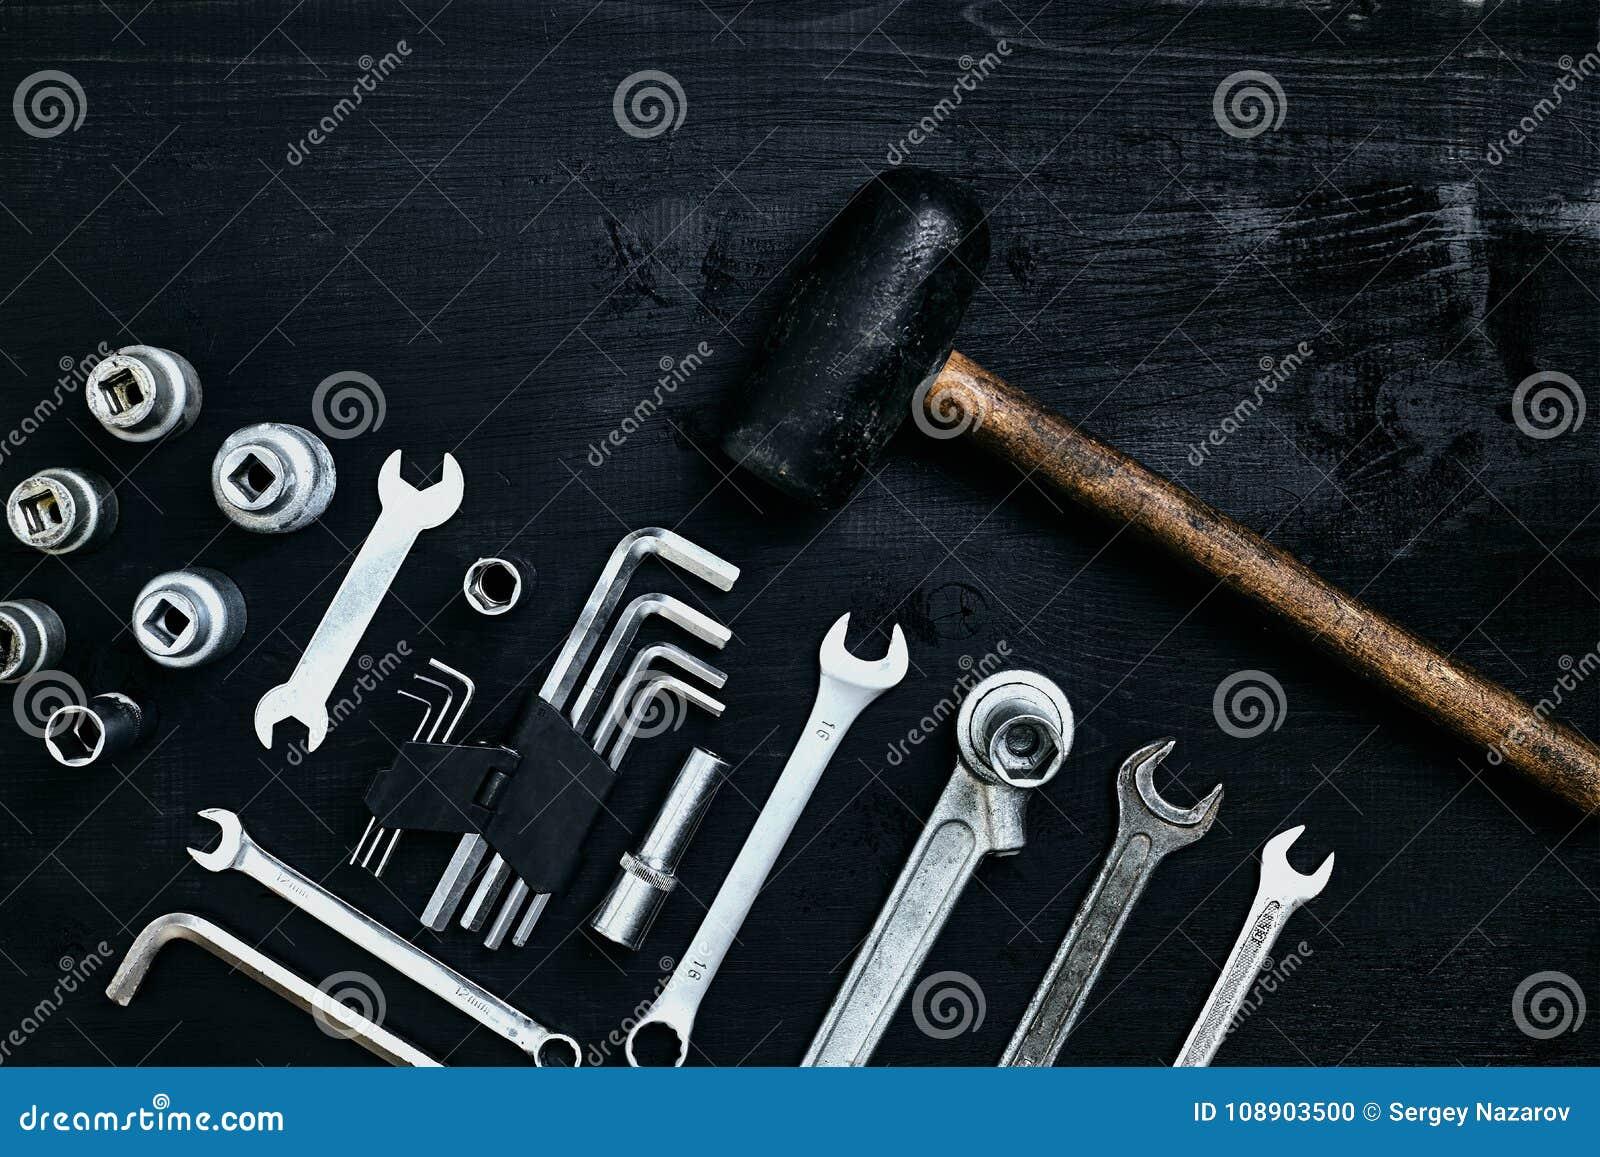 Ανακαίνιση ενός αυτοκινήτου Ένα σύνολο κλειδιών δεκαεξαδικού εργαλείων επισκευής, ενός σφυριού και ενός κατσαβιδιού σε ένα μαύρο